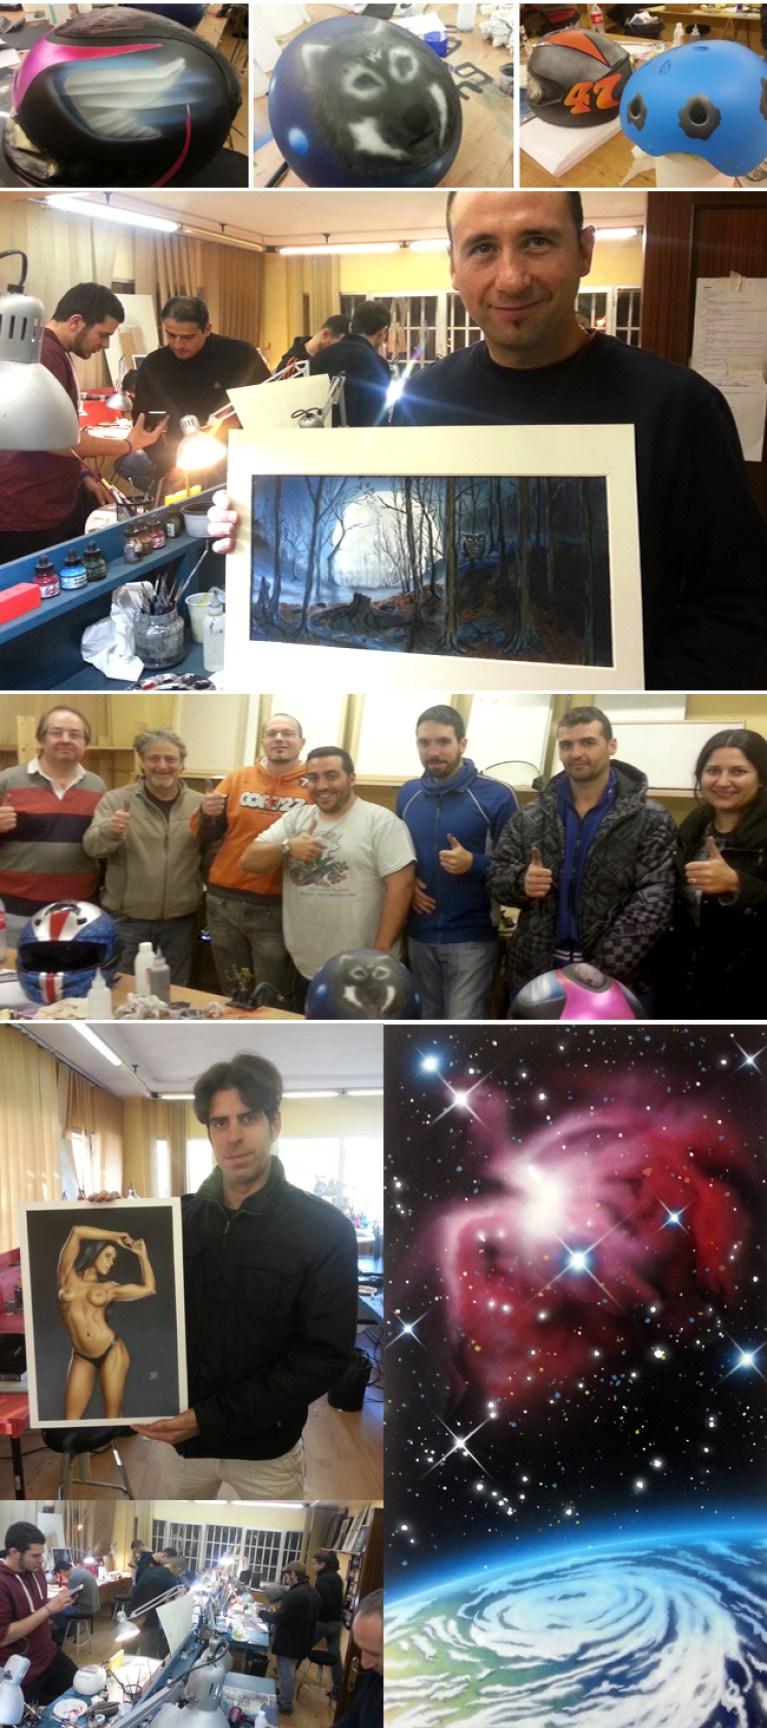 Trabajos cursos aerografia academia c1o madrid